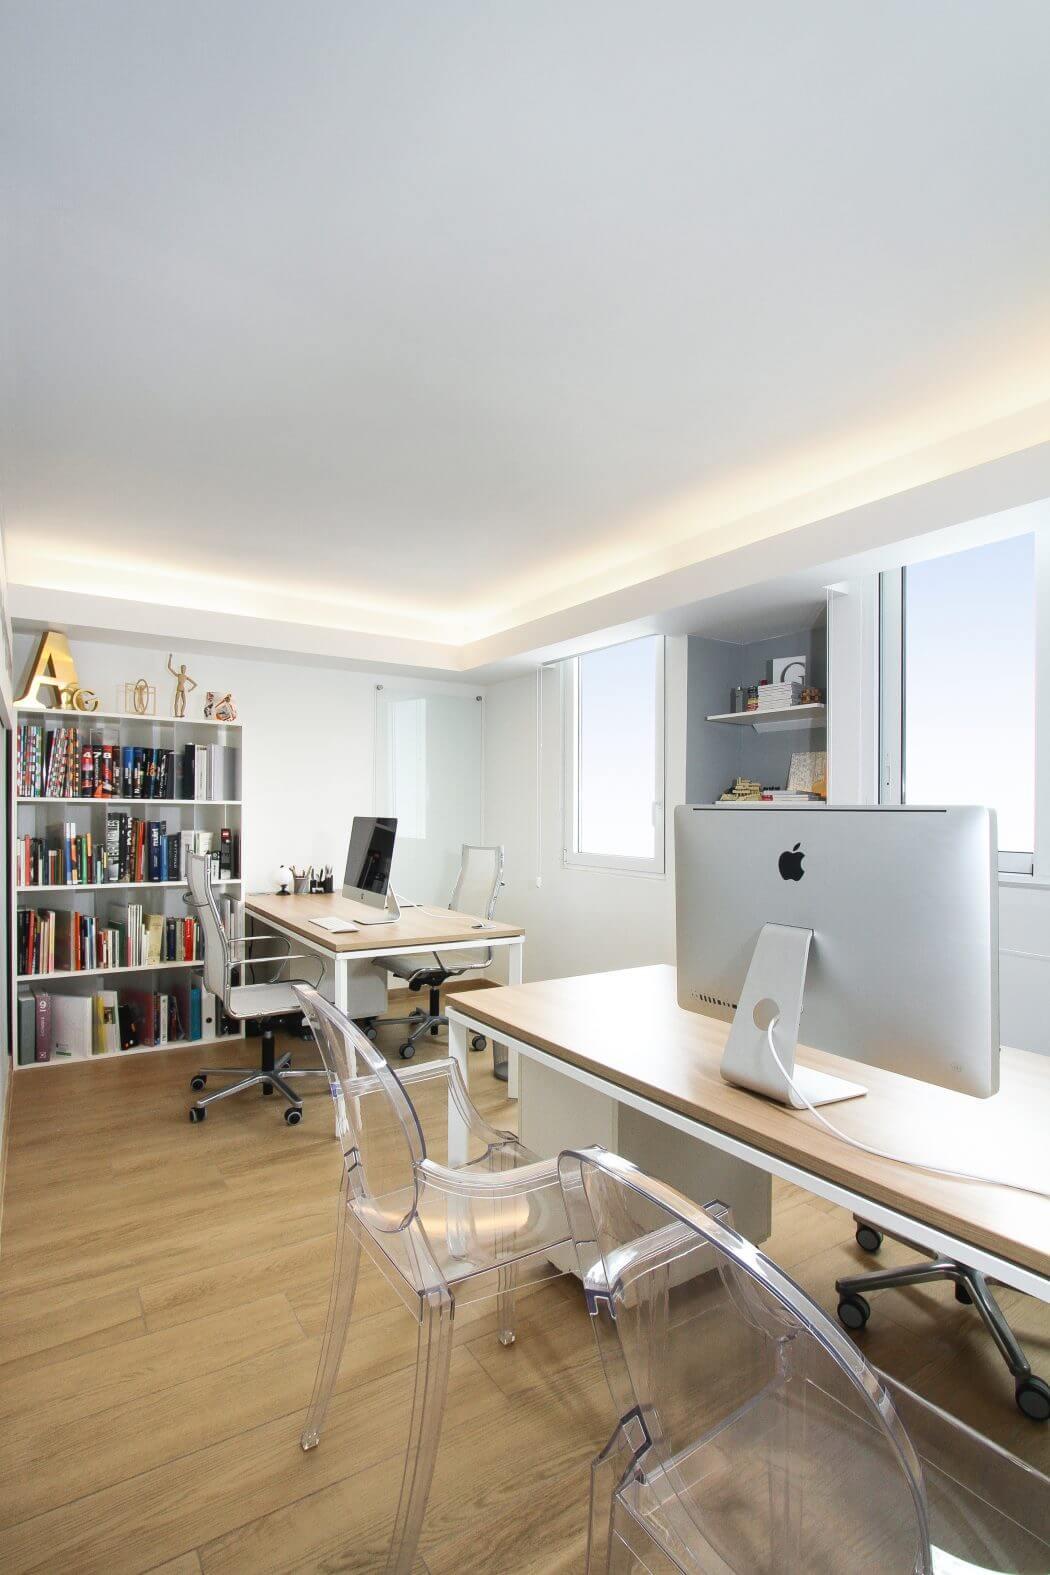 015-apartment-panama-dos-arquitectos-1050x1575